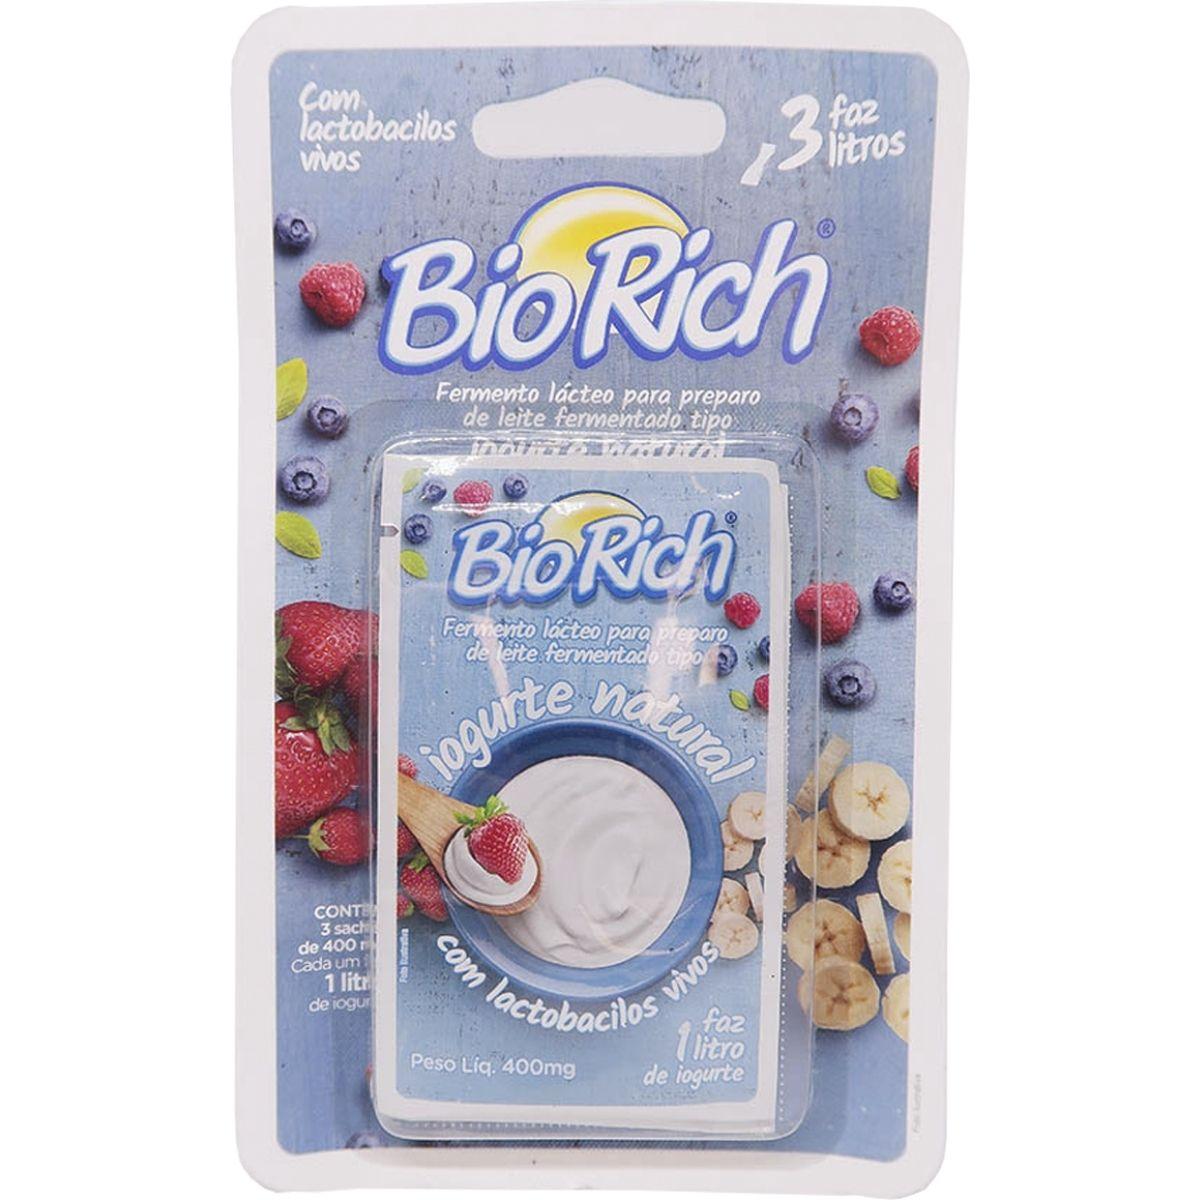 Fermento Bio Rich com 400mg com 12 Cartelas com 3 sachês cada total de 36 sachês